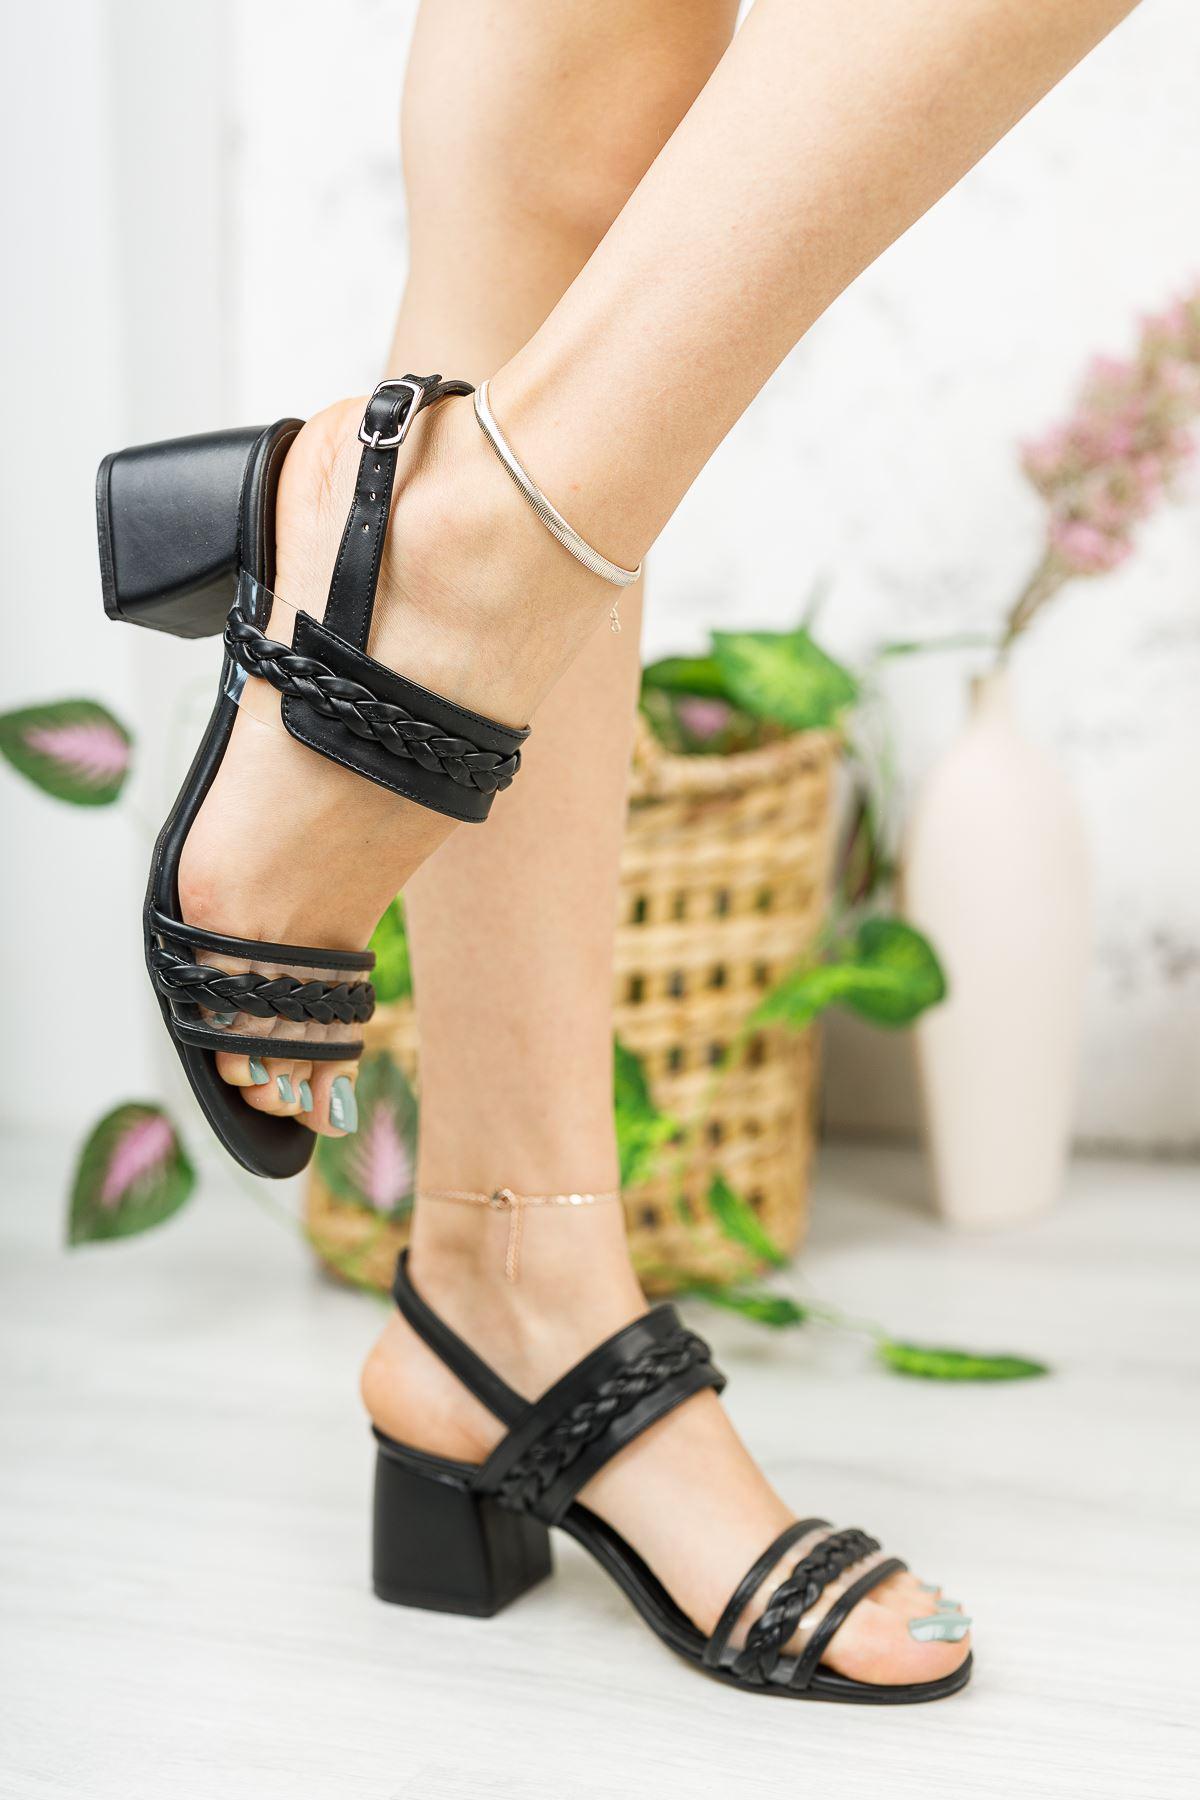 Kadın Yanna Örgü Detay Mat Deri Siyah Kısa Topuklu Ayakkabı